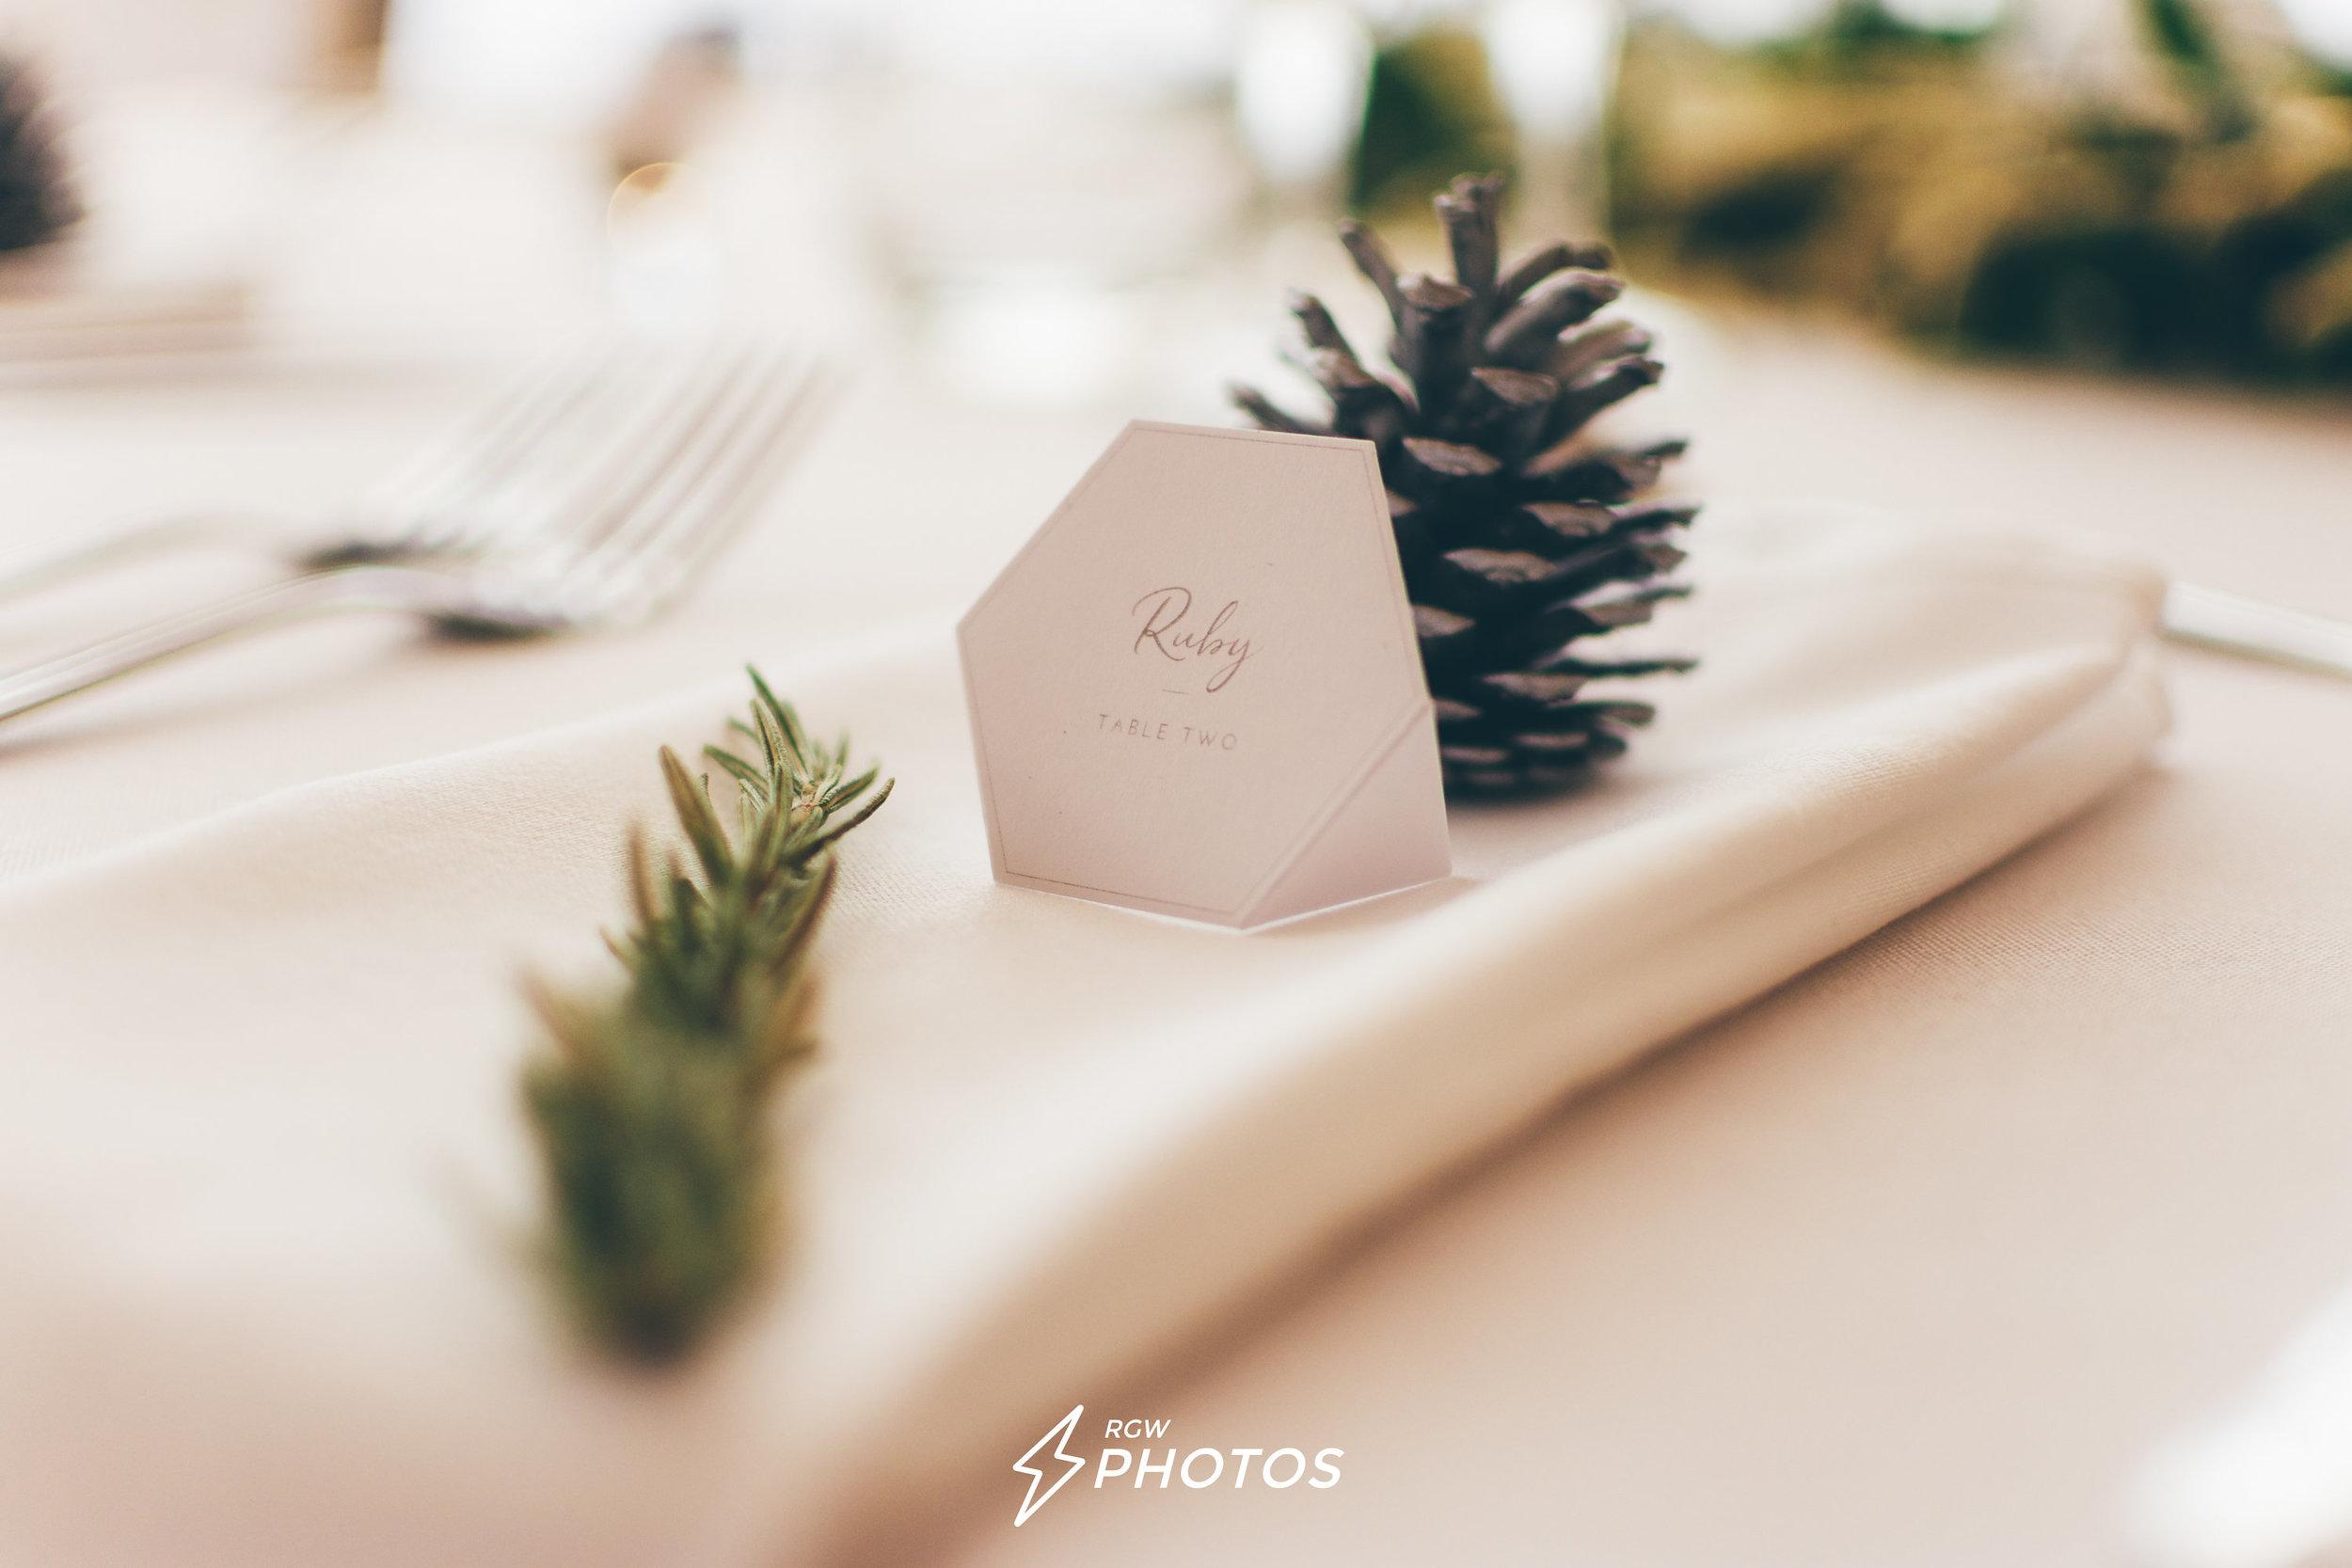 luxury_bespoke_wedding_stationery_dorset_bournemouth_poole_DSC_1044.jpg